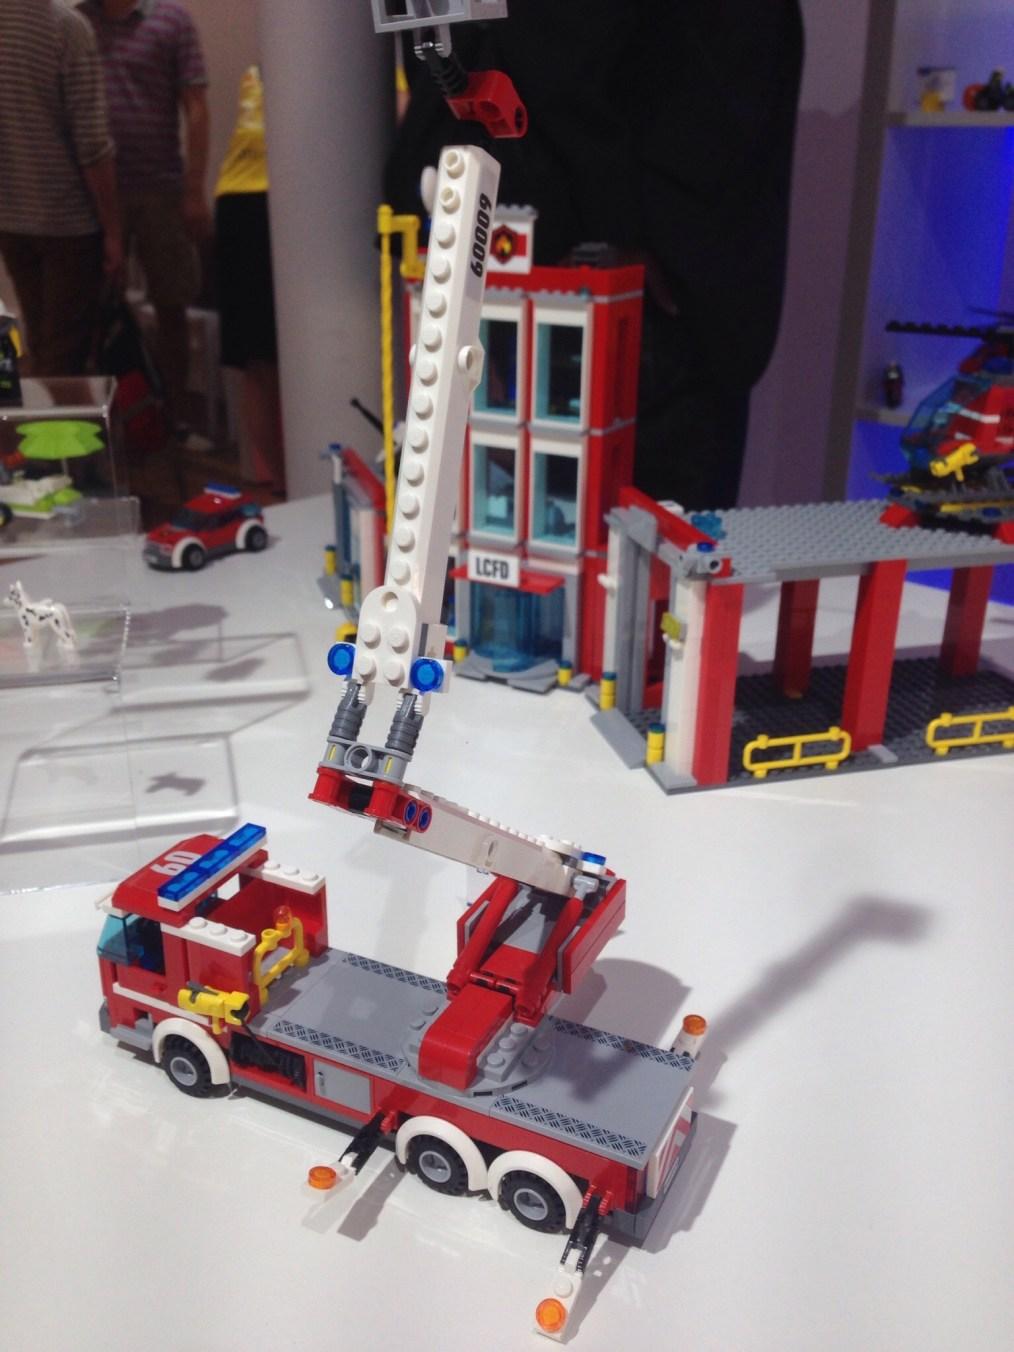 LEGO - Camion de pompiers avec échelle - Référence 60107 (environ 20 €)